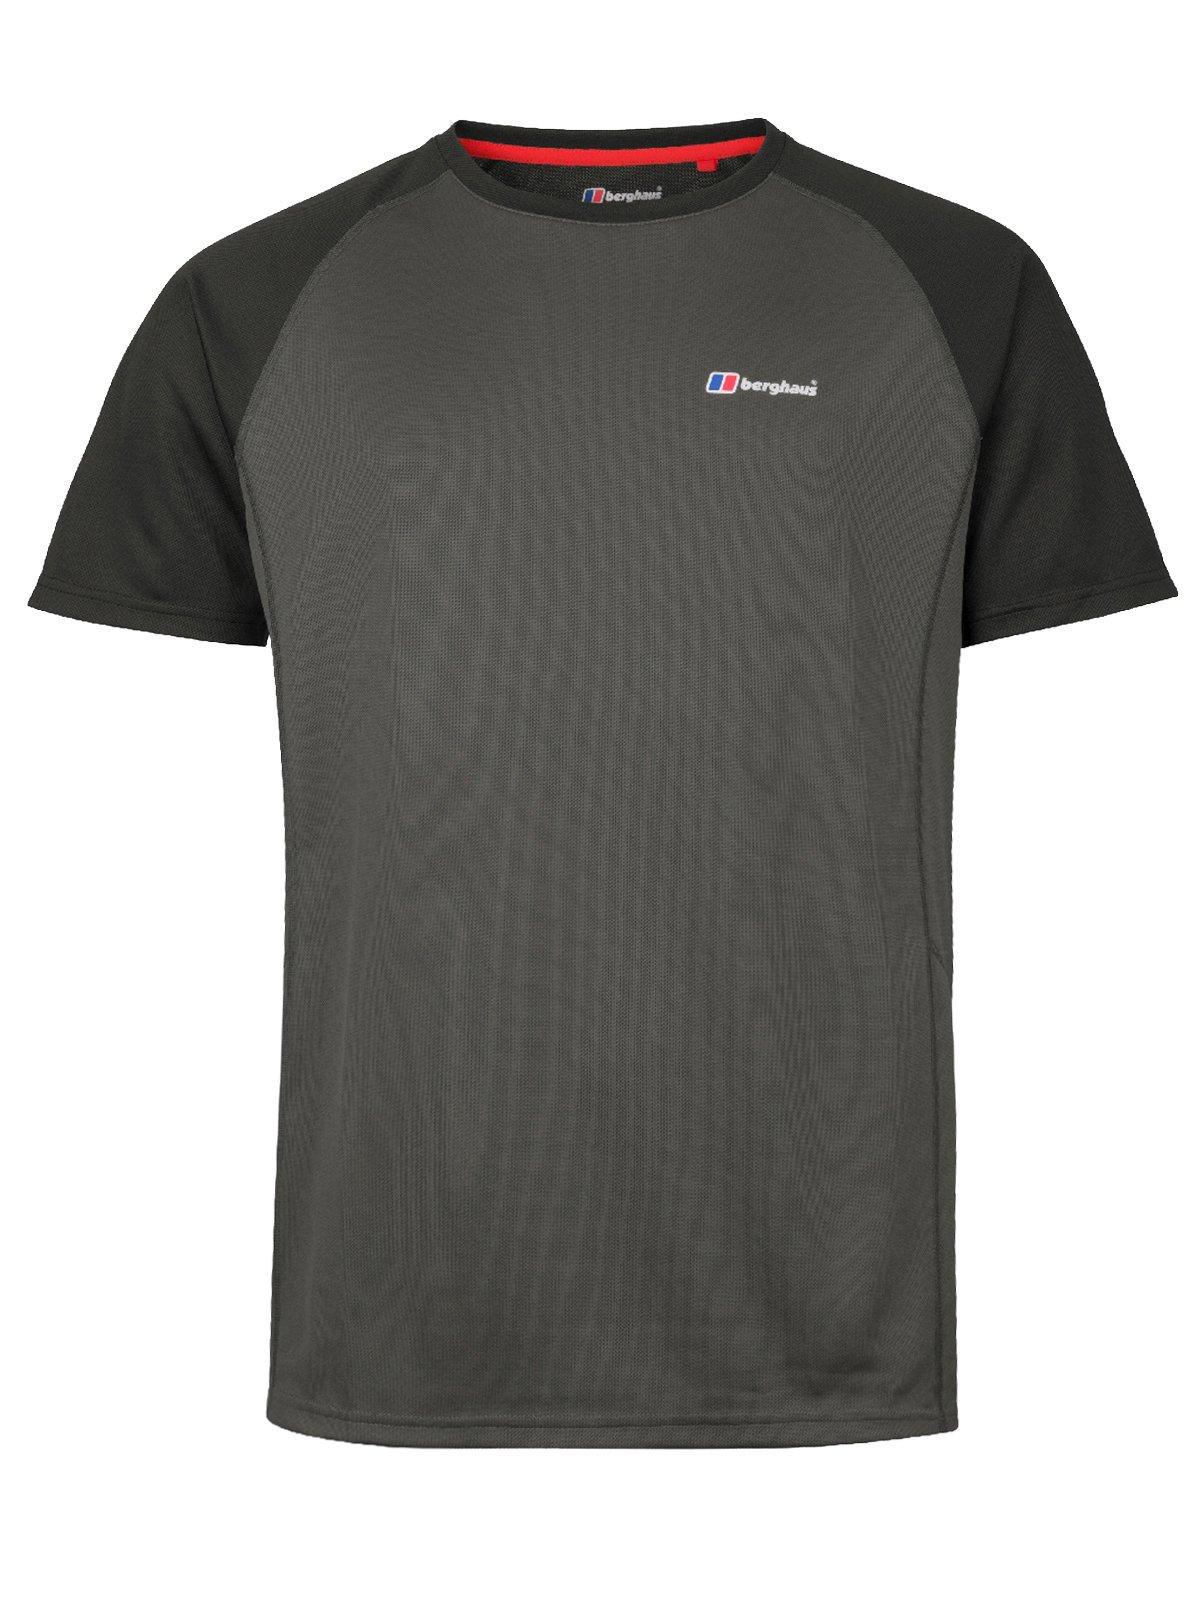 Berghaus Mens Explorer Tech Short Sleeve T-Shirt